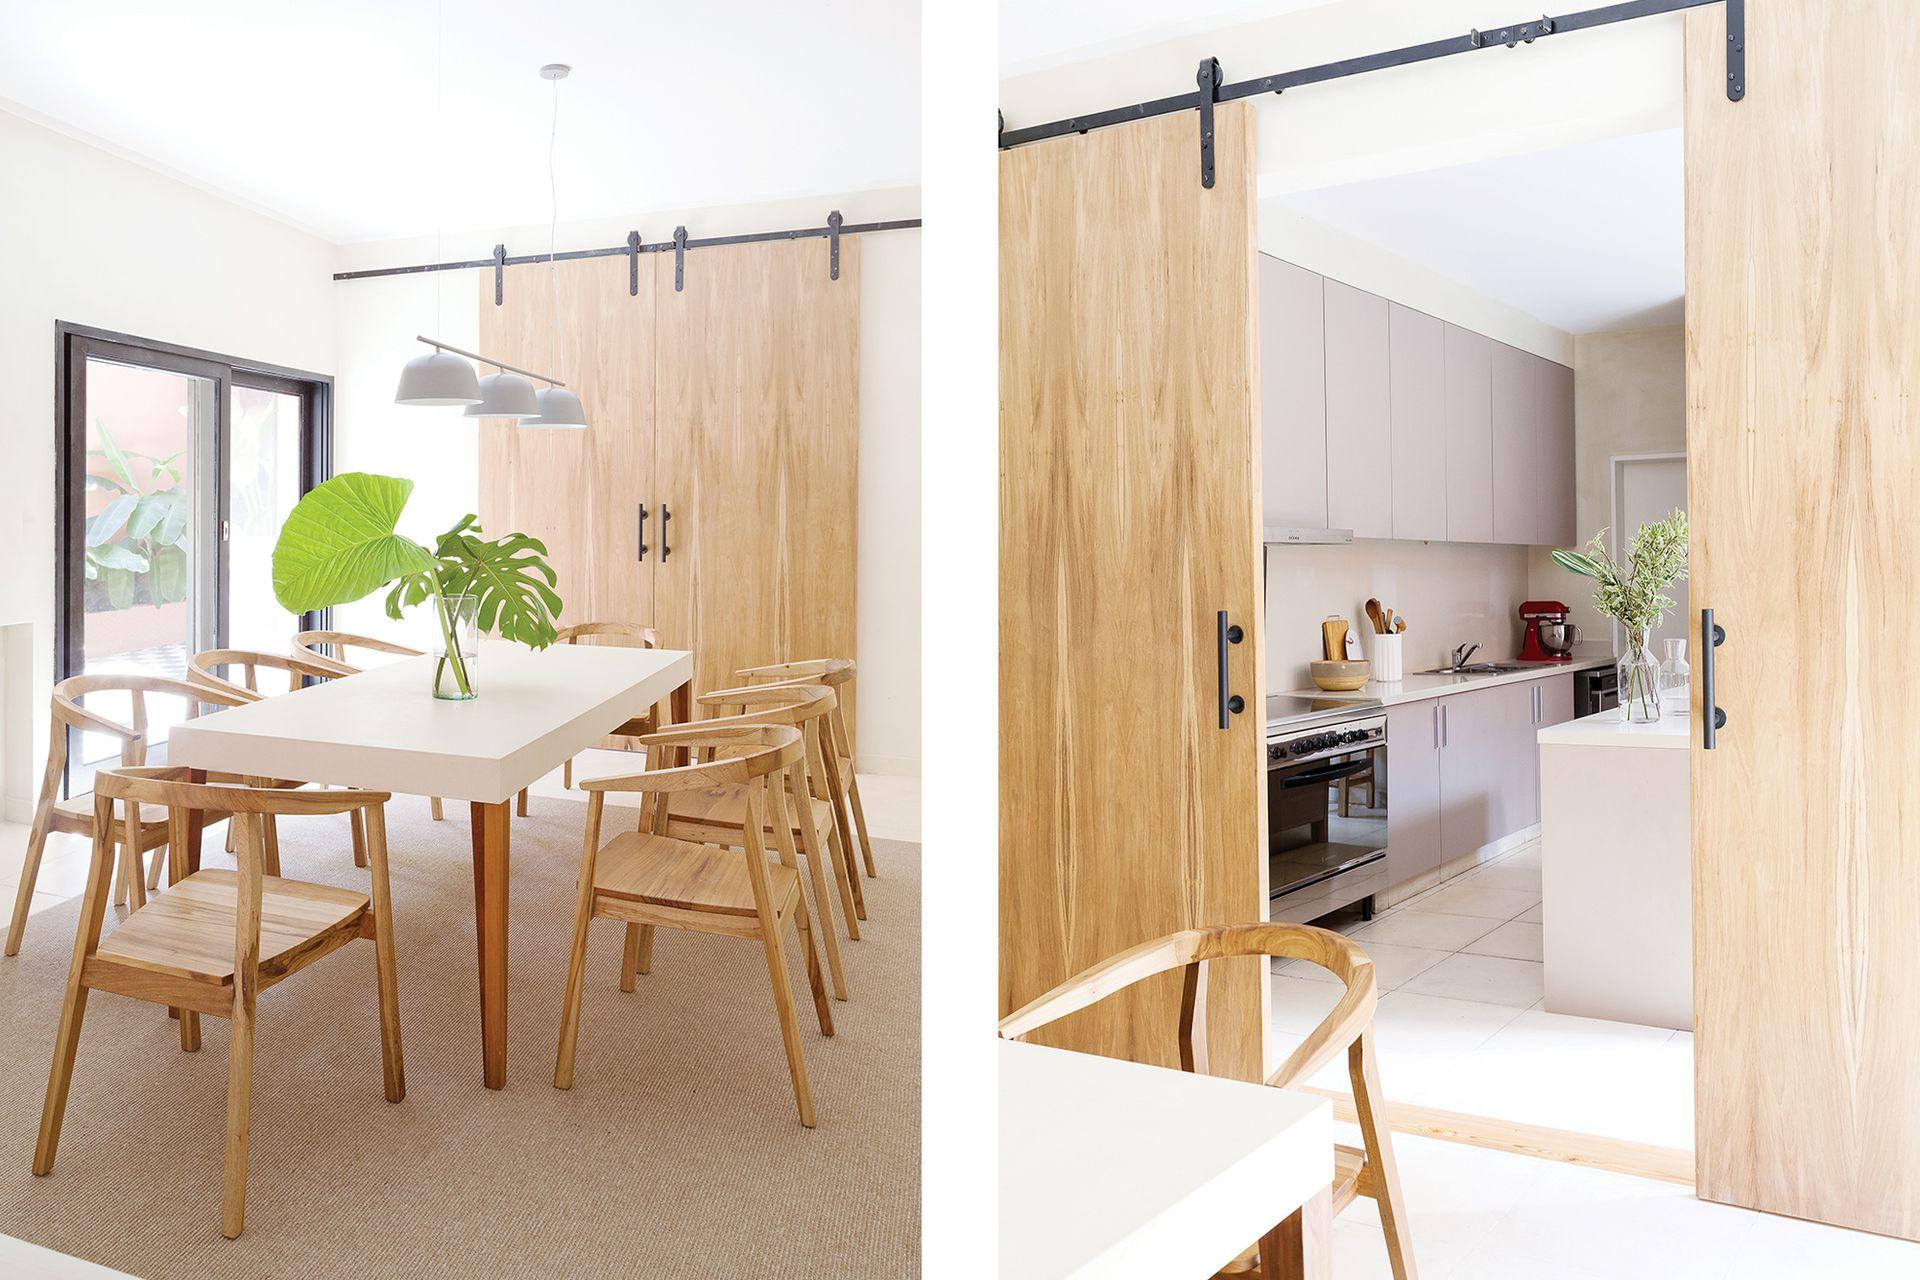 Mesa (Talleres Sustentables) con sillas 'Turu' de petiribí (Kamura Muebles) y lámpara colgante con barral y tres luces 'Múnich' (Flo's Market).